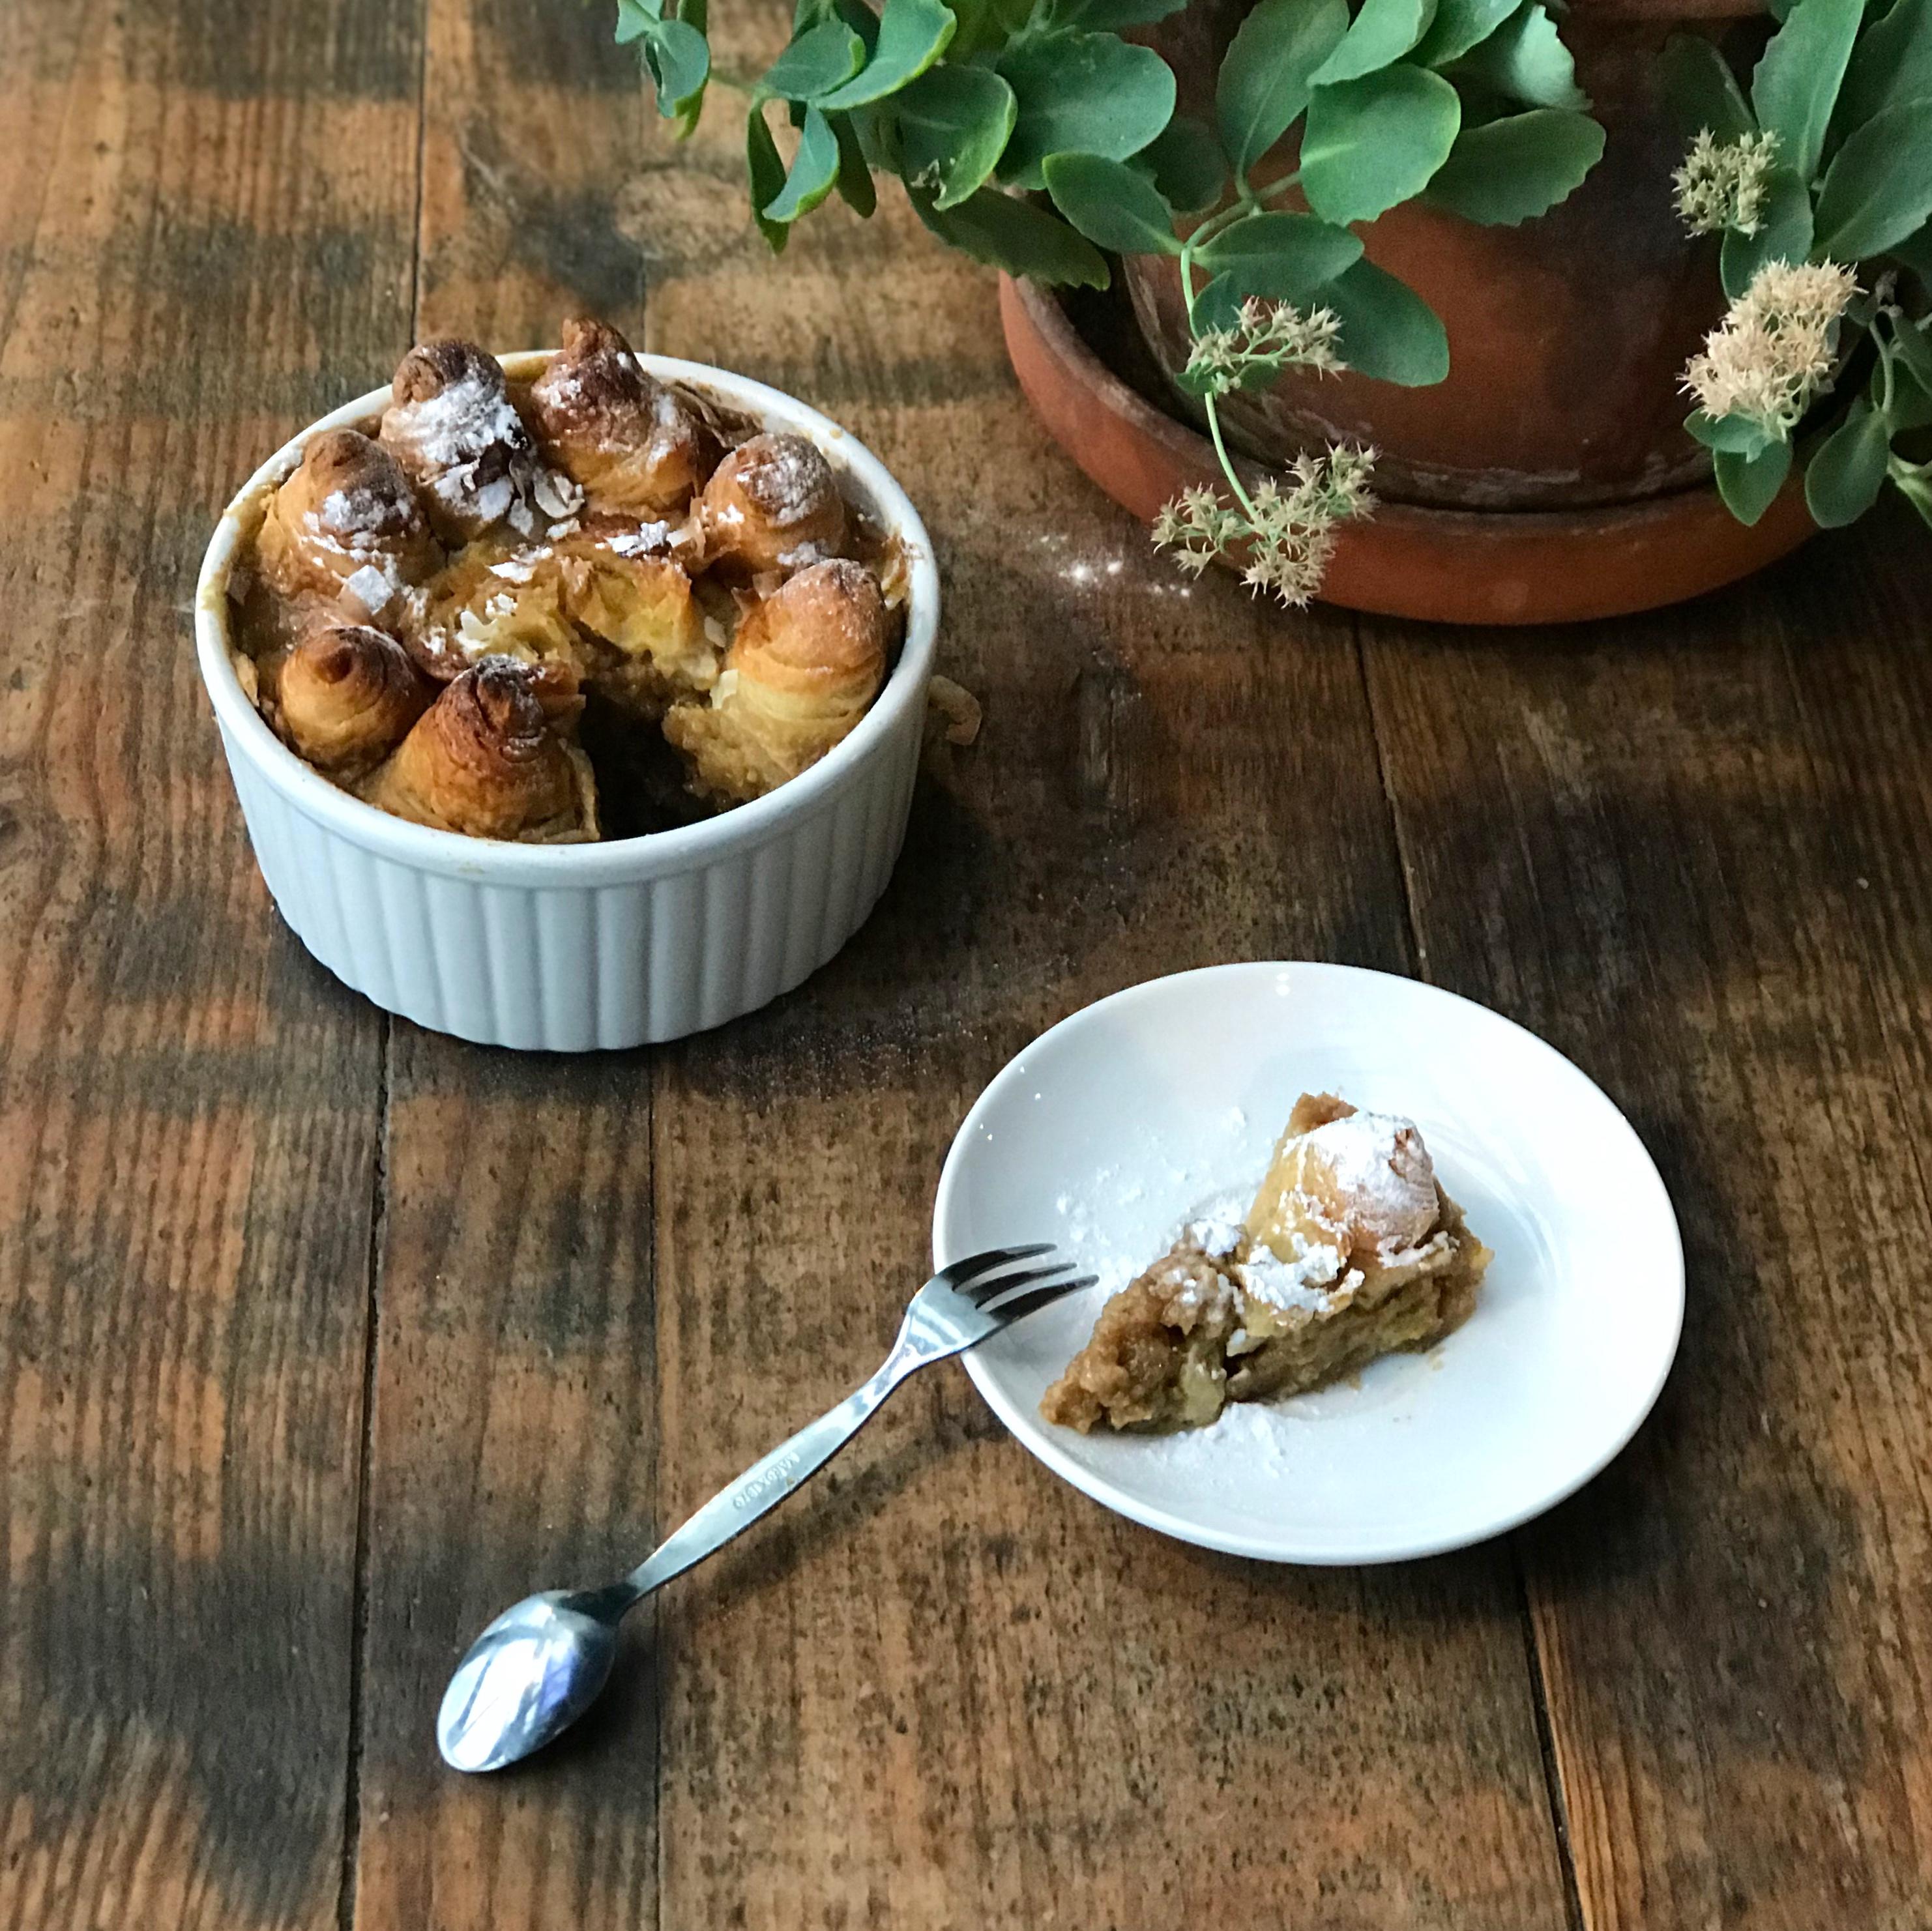 croissant-broodpudding-schuin-voor-vierkant- kliekjescollectief-